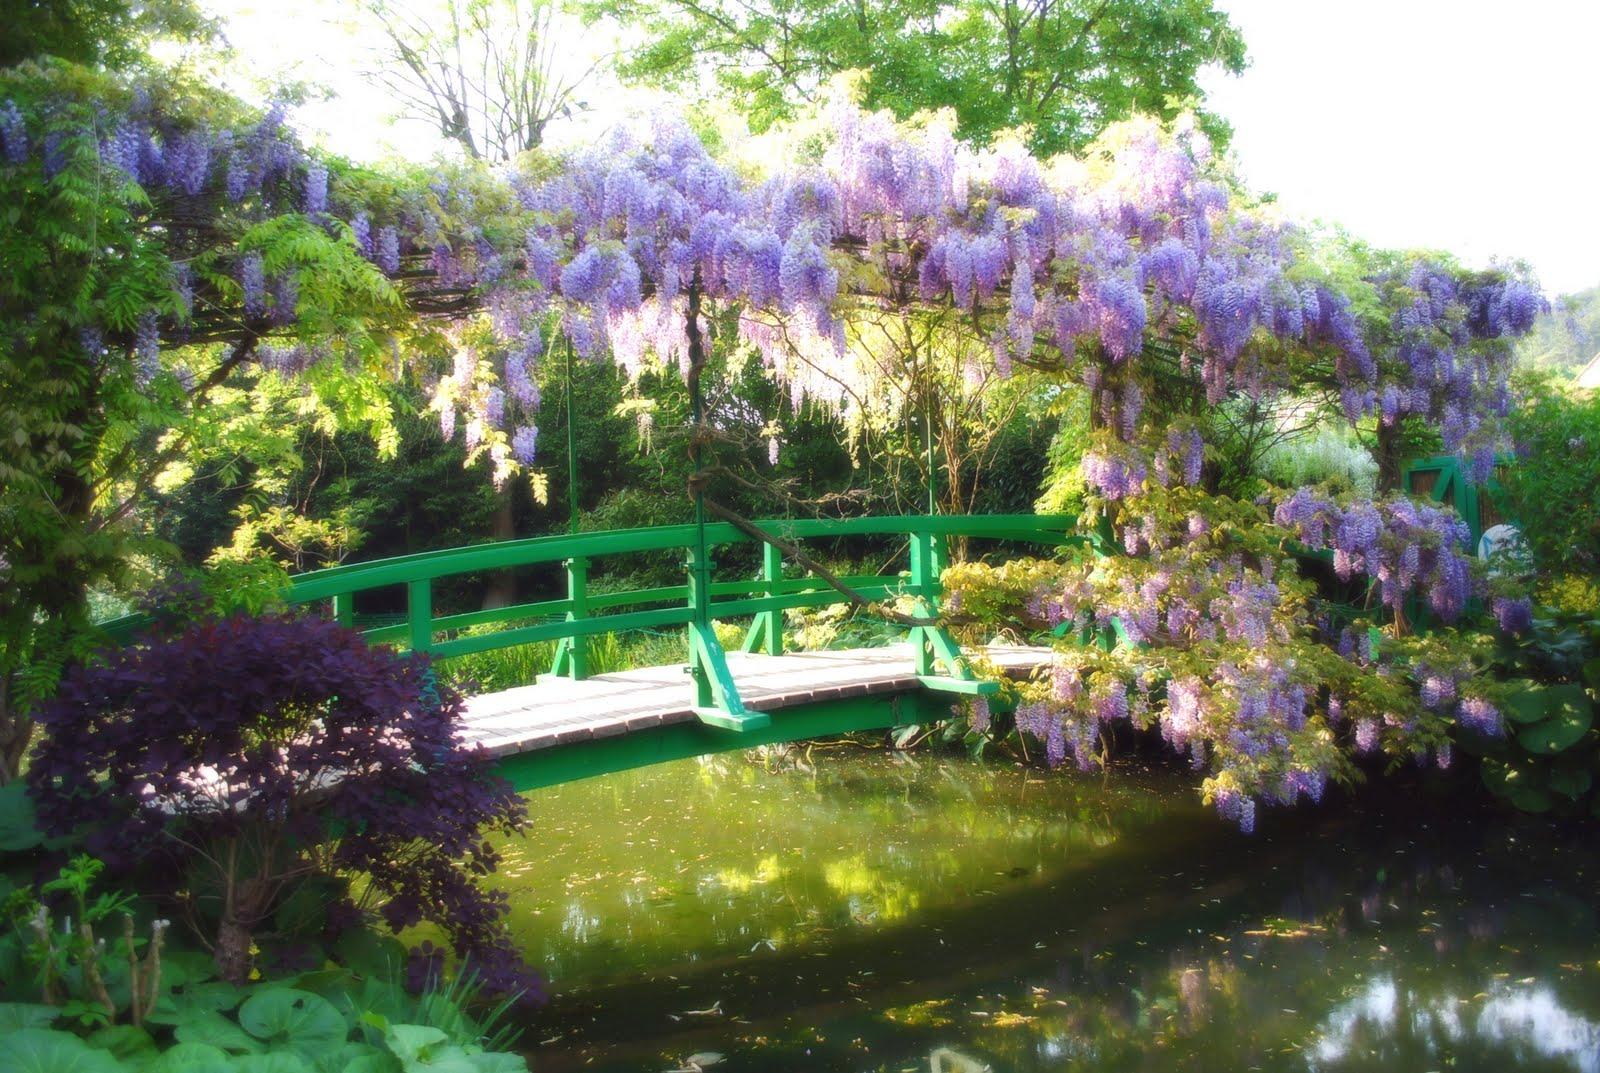 Il giardino impressionista di monet in the mood for design - Giardini bellissimi ...